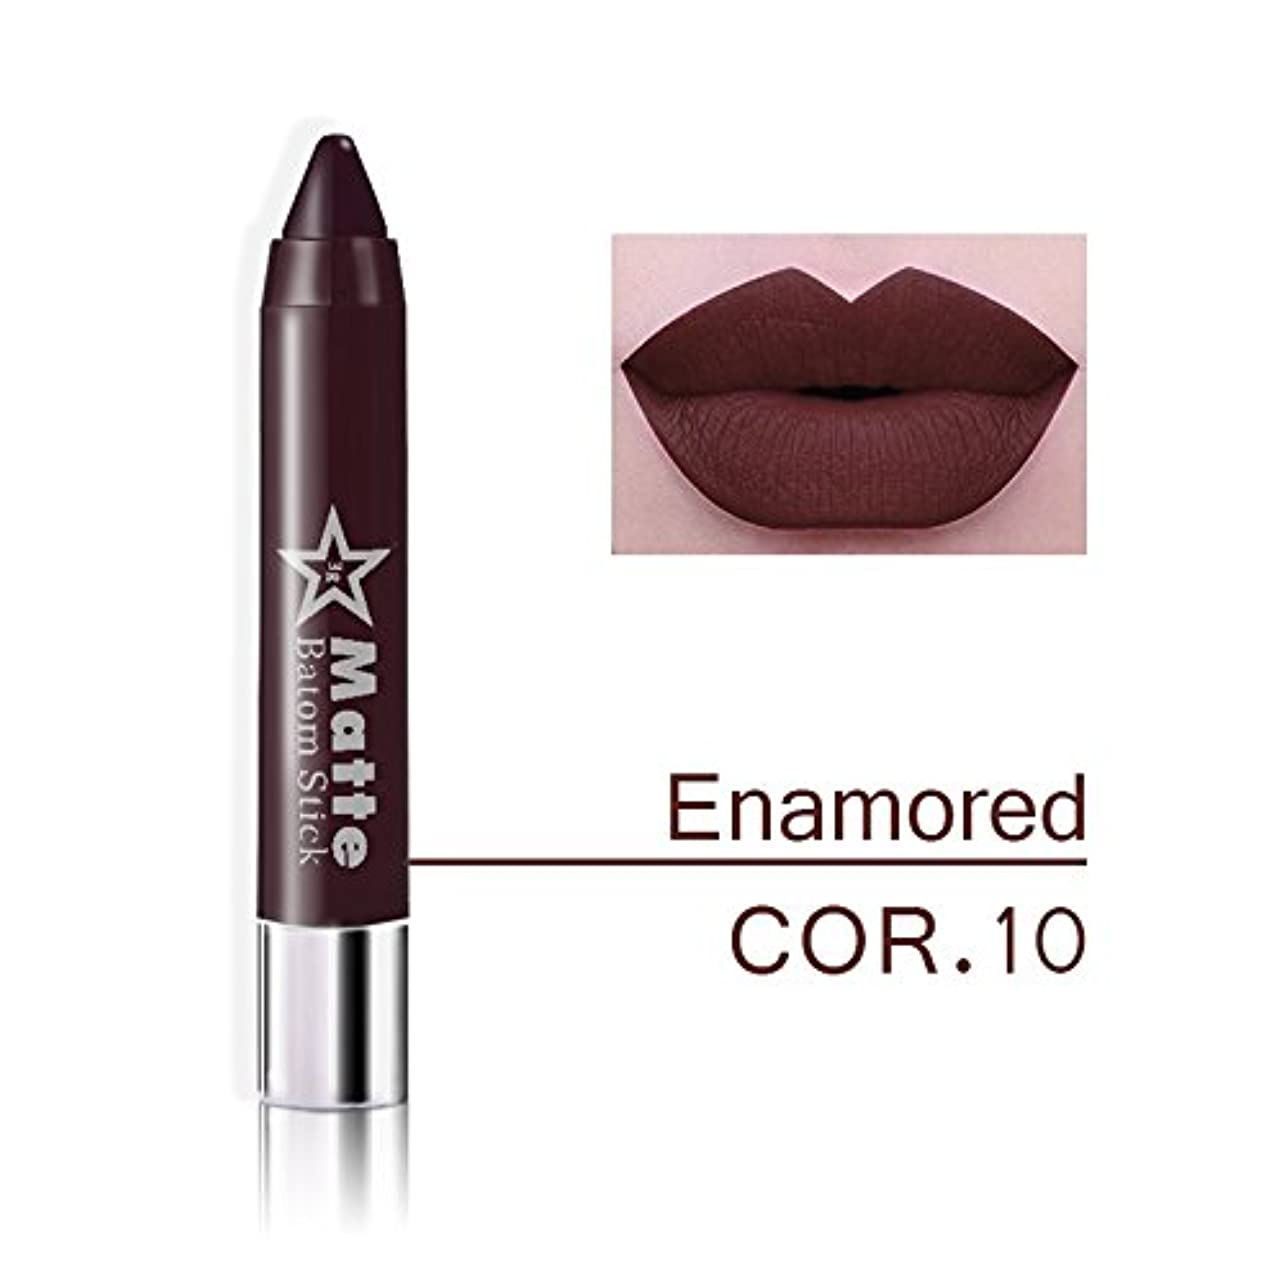 印象自治的トレードMiss Rose Brand lips Matte Moisturizing Lipstick Makeup Lipsticks Waterproof matte Lip gloss Mate Lipsticks Make up